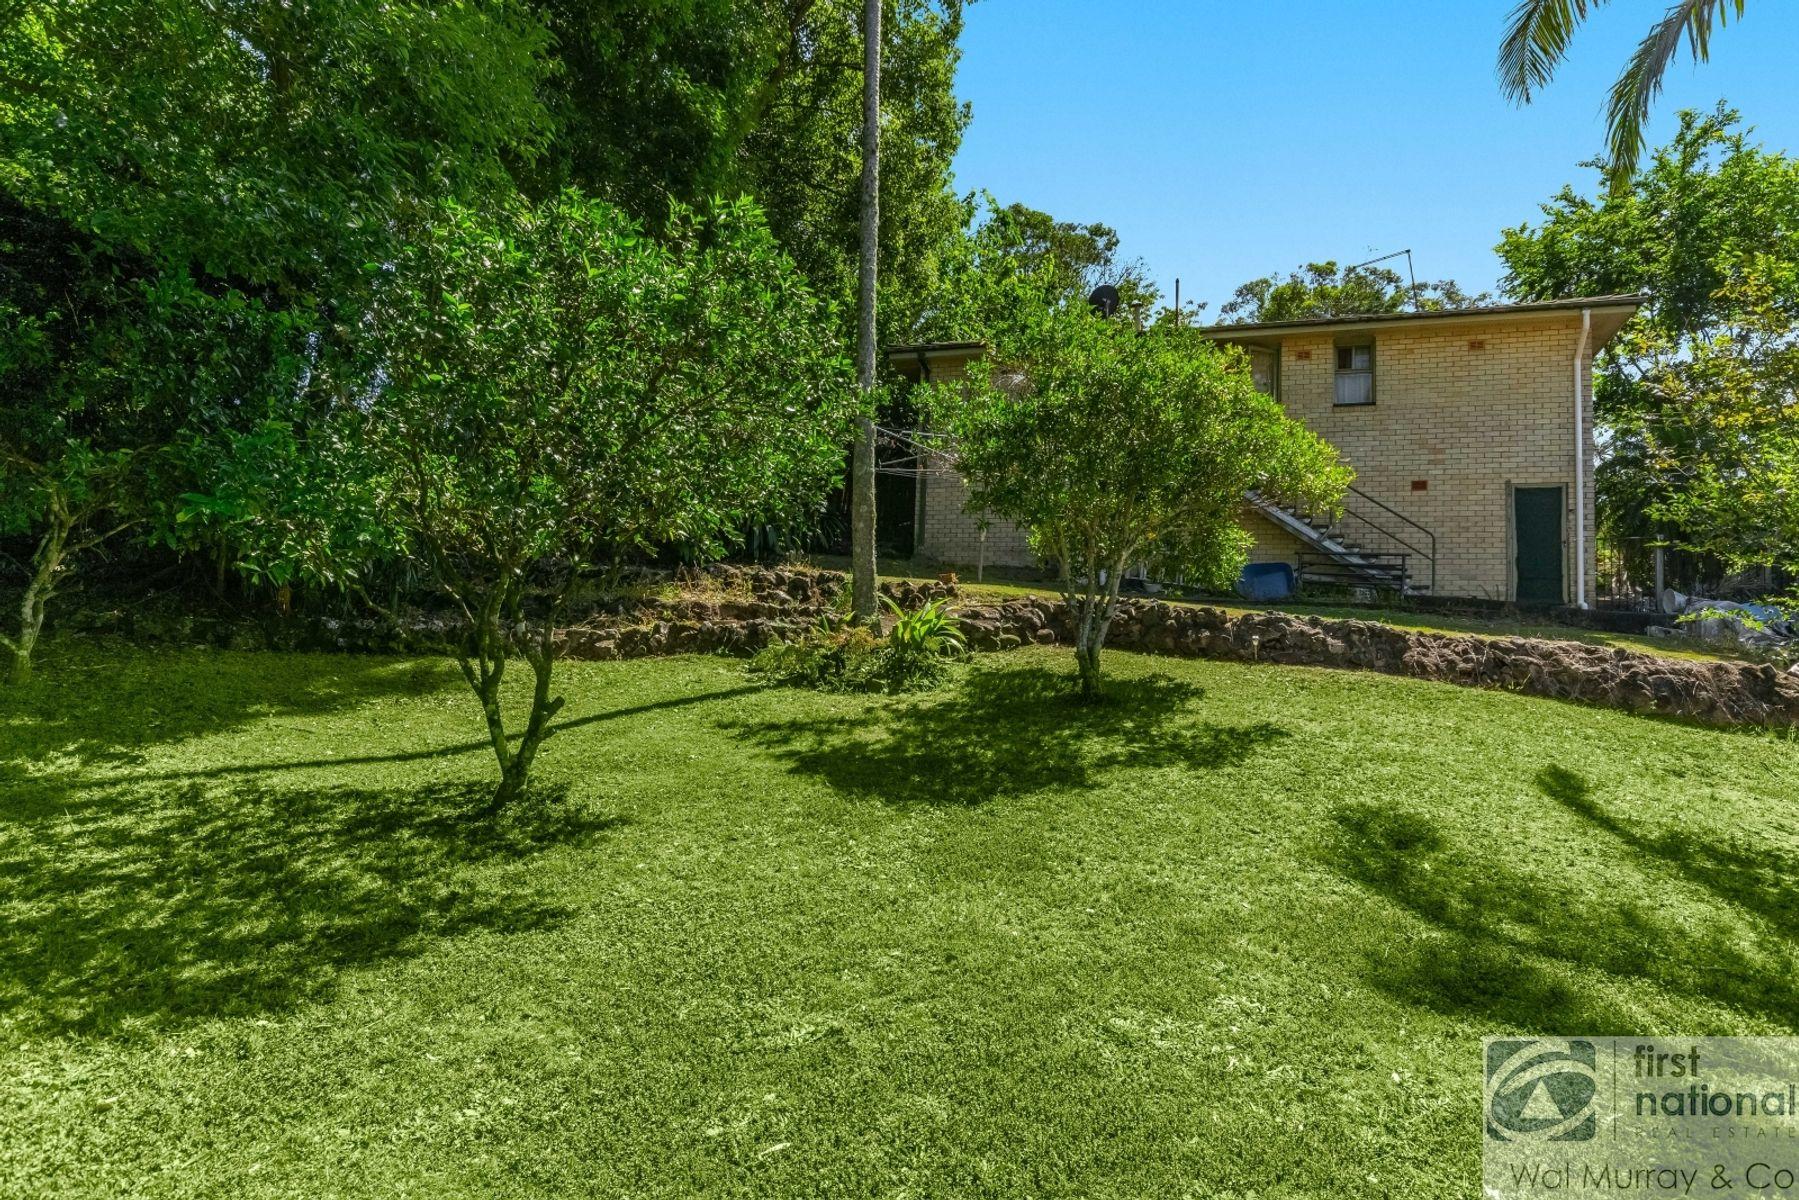 5 William Blair Avenue, Goonellabah, NSW 2480